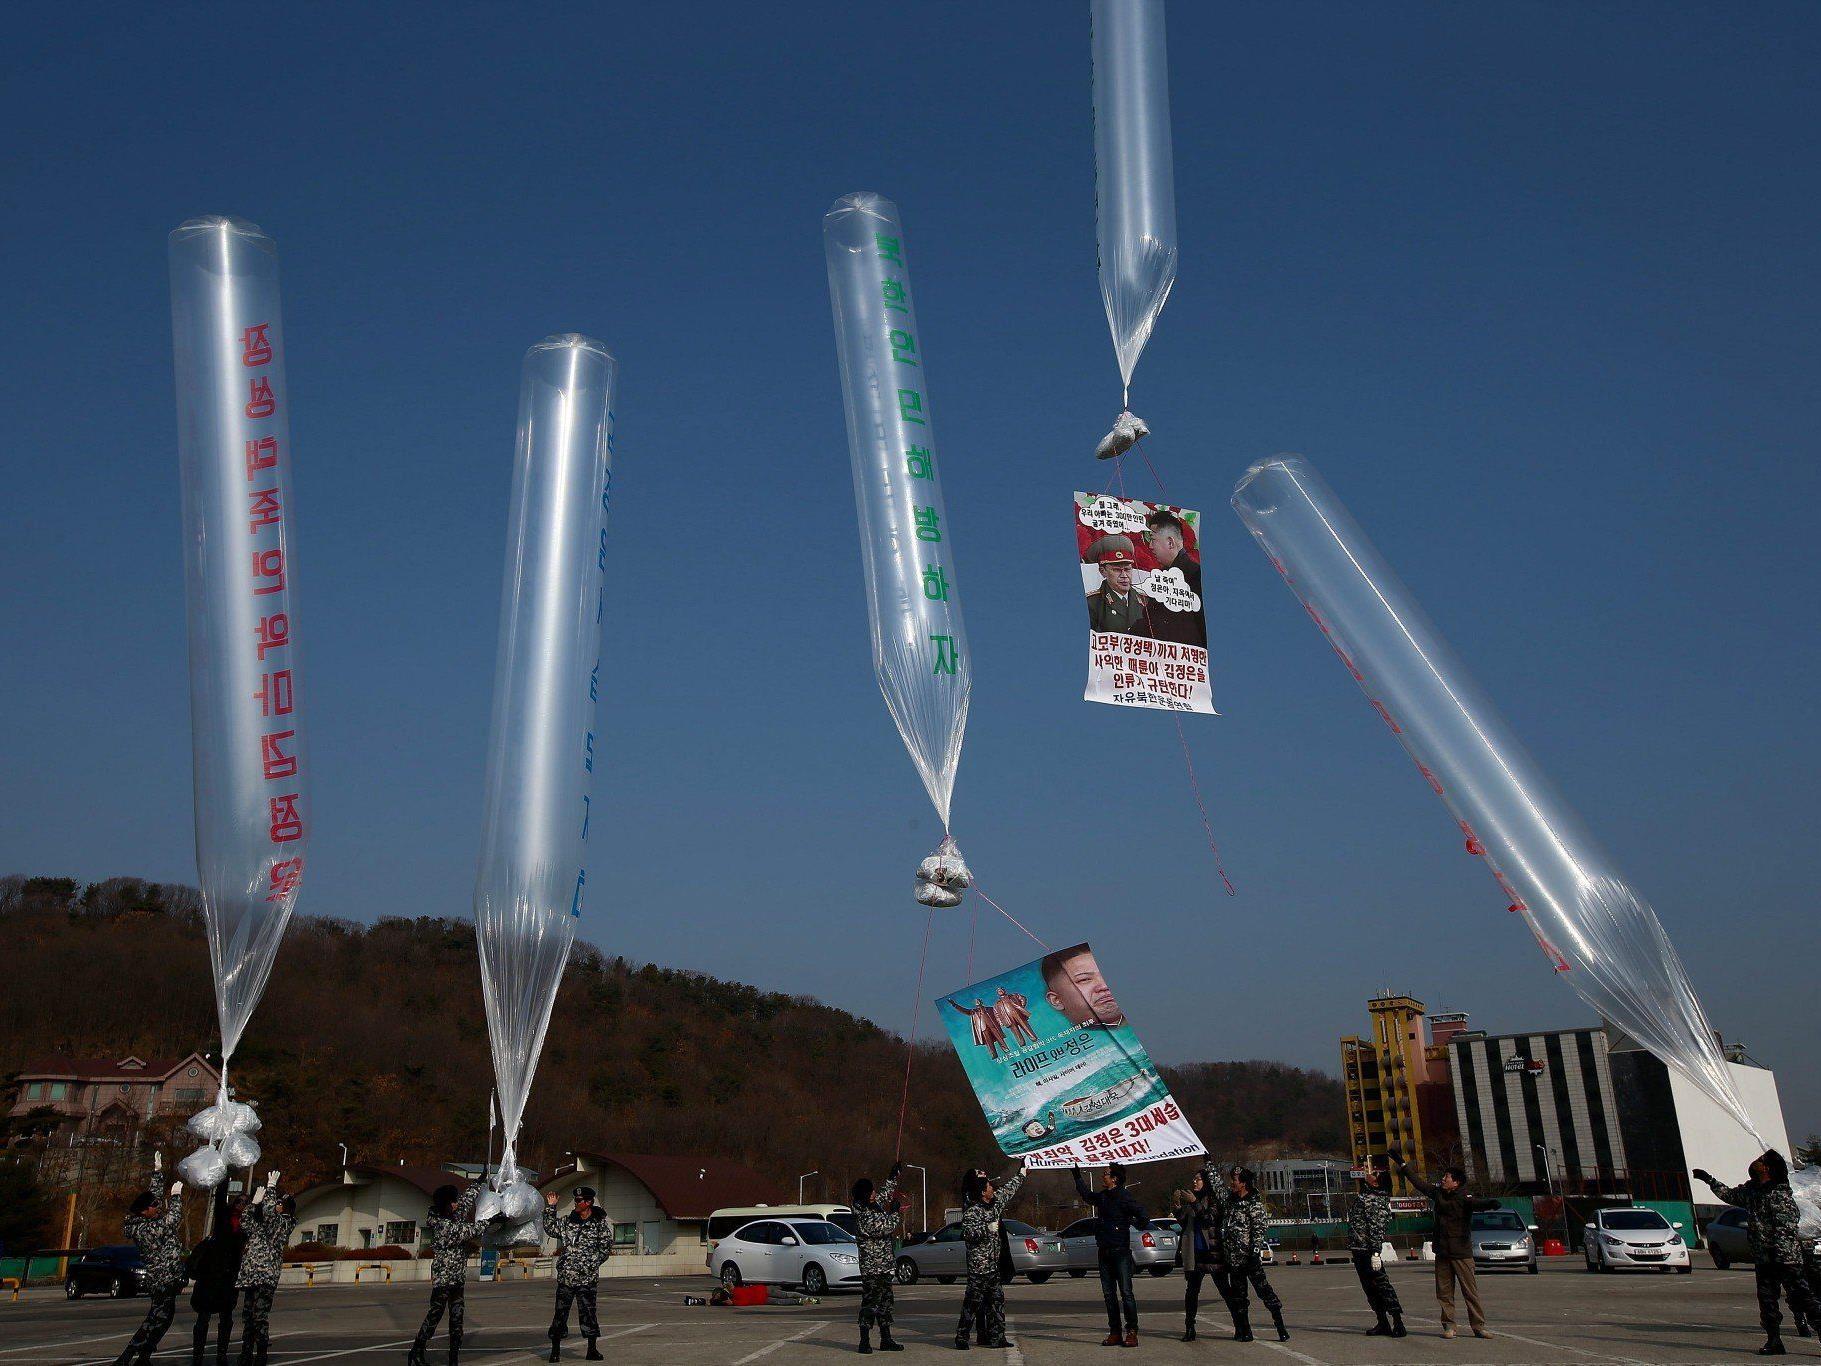 Aktivisten schicken erneut Ballons mit Flugblättern und Datenträgern nach Nordkorea.